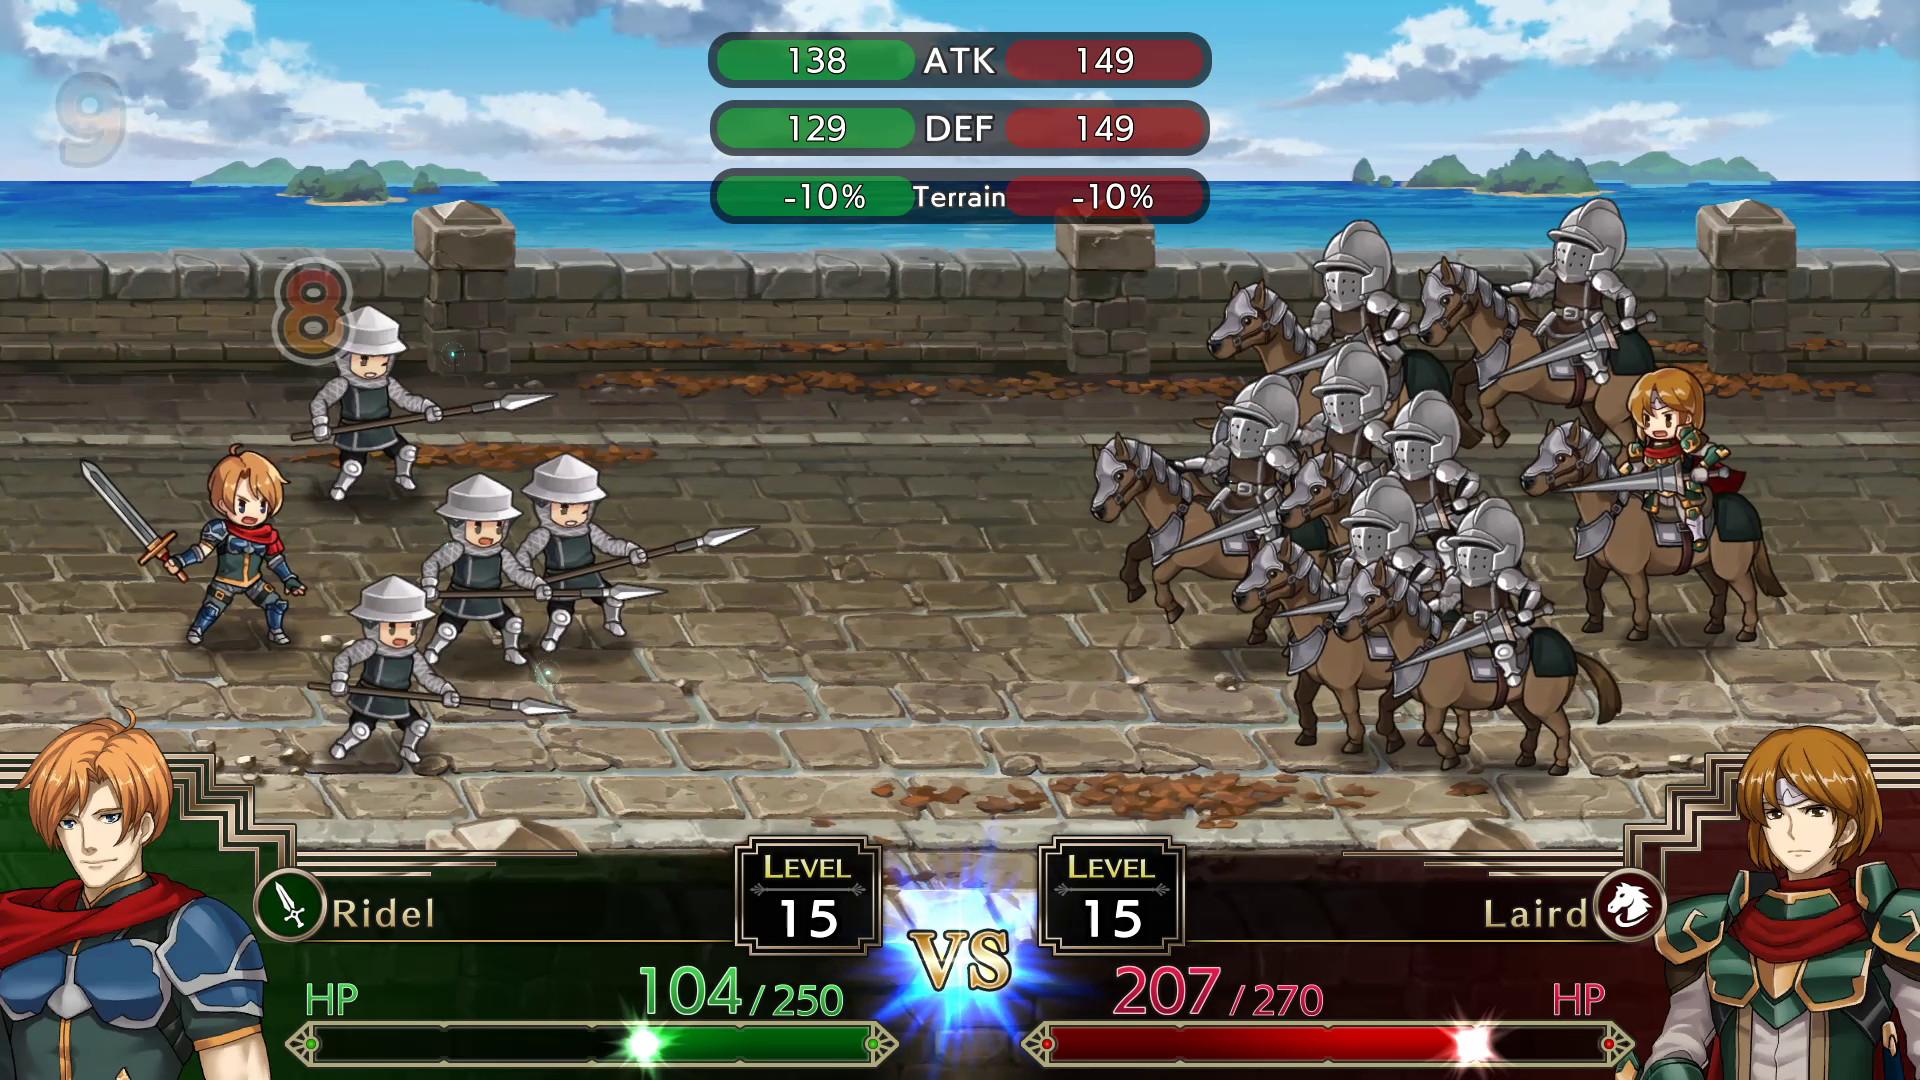 梦幻模拟战1+2 完整重置版   官方繁体中文   支持键盘、鼠标、手柄-开心电玩屋